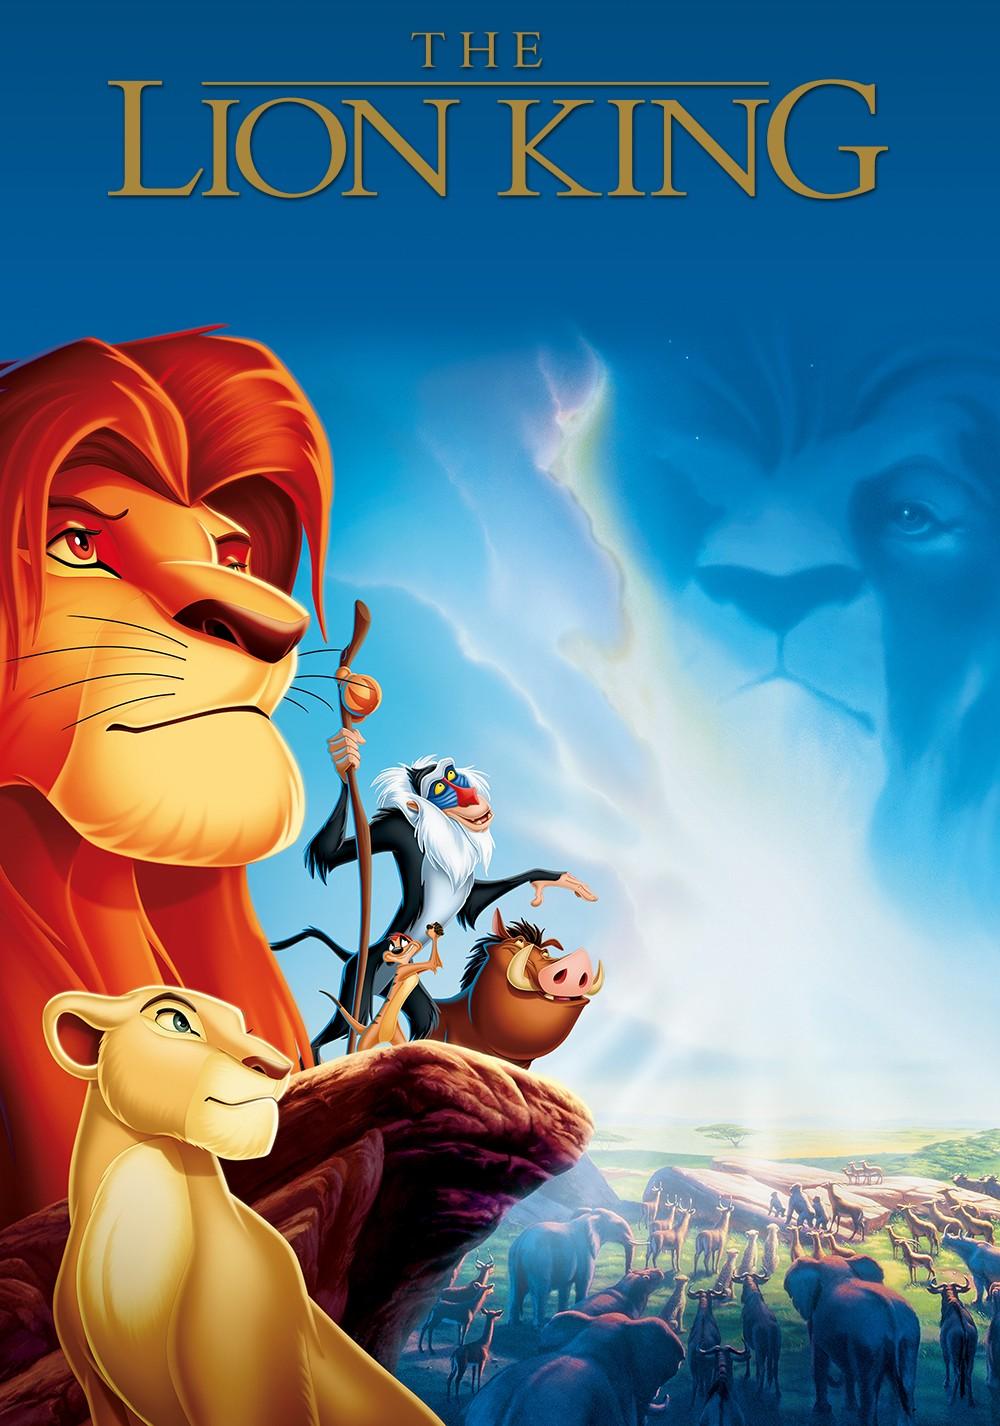 The Lion King เปนหนงการตนอนดบหนง ทดทสด ของ